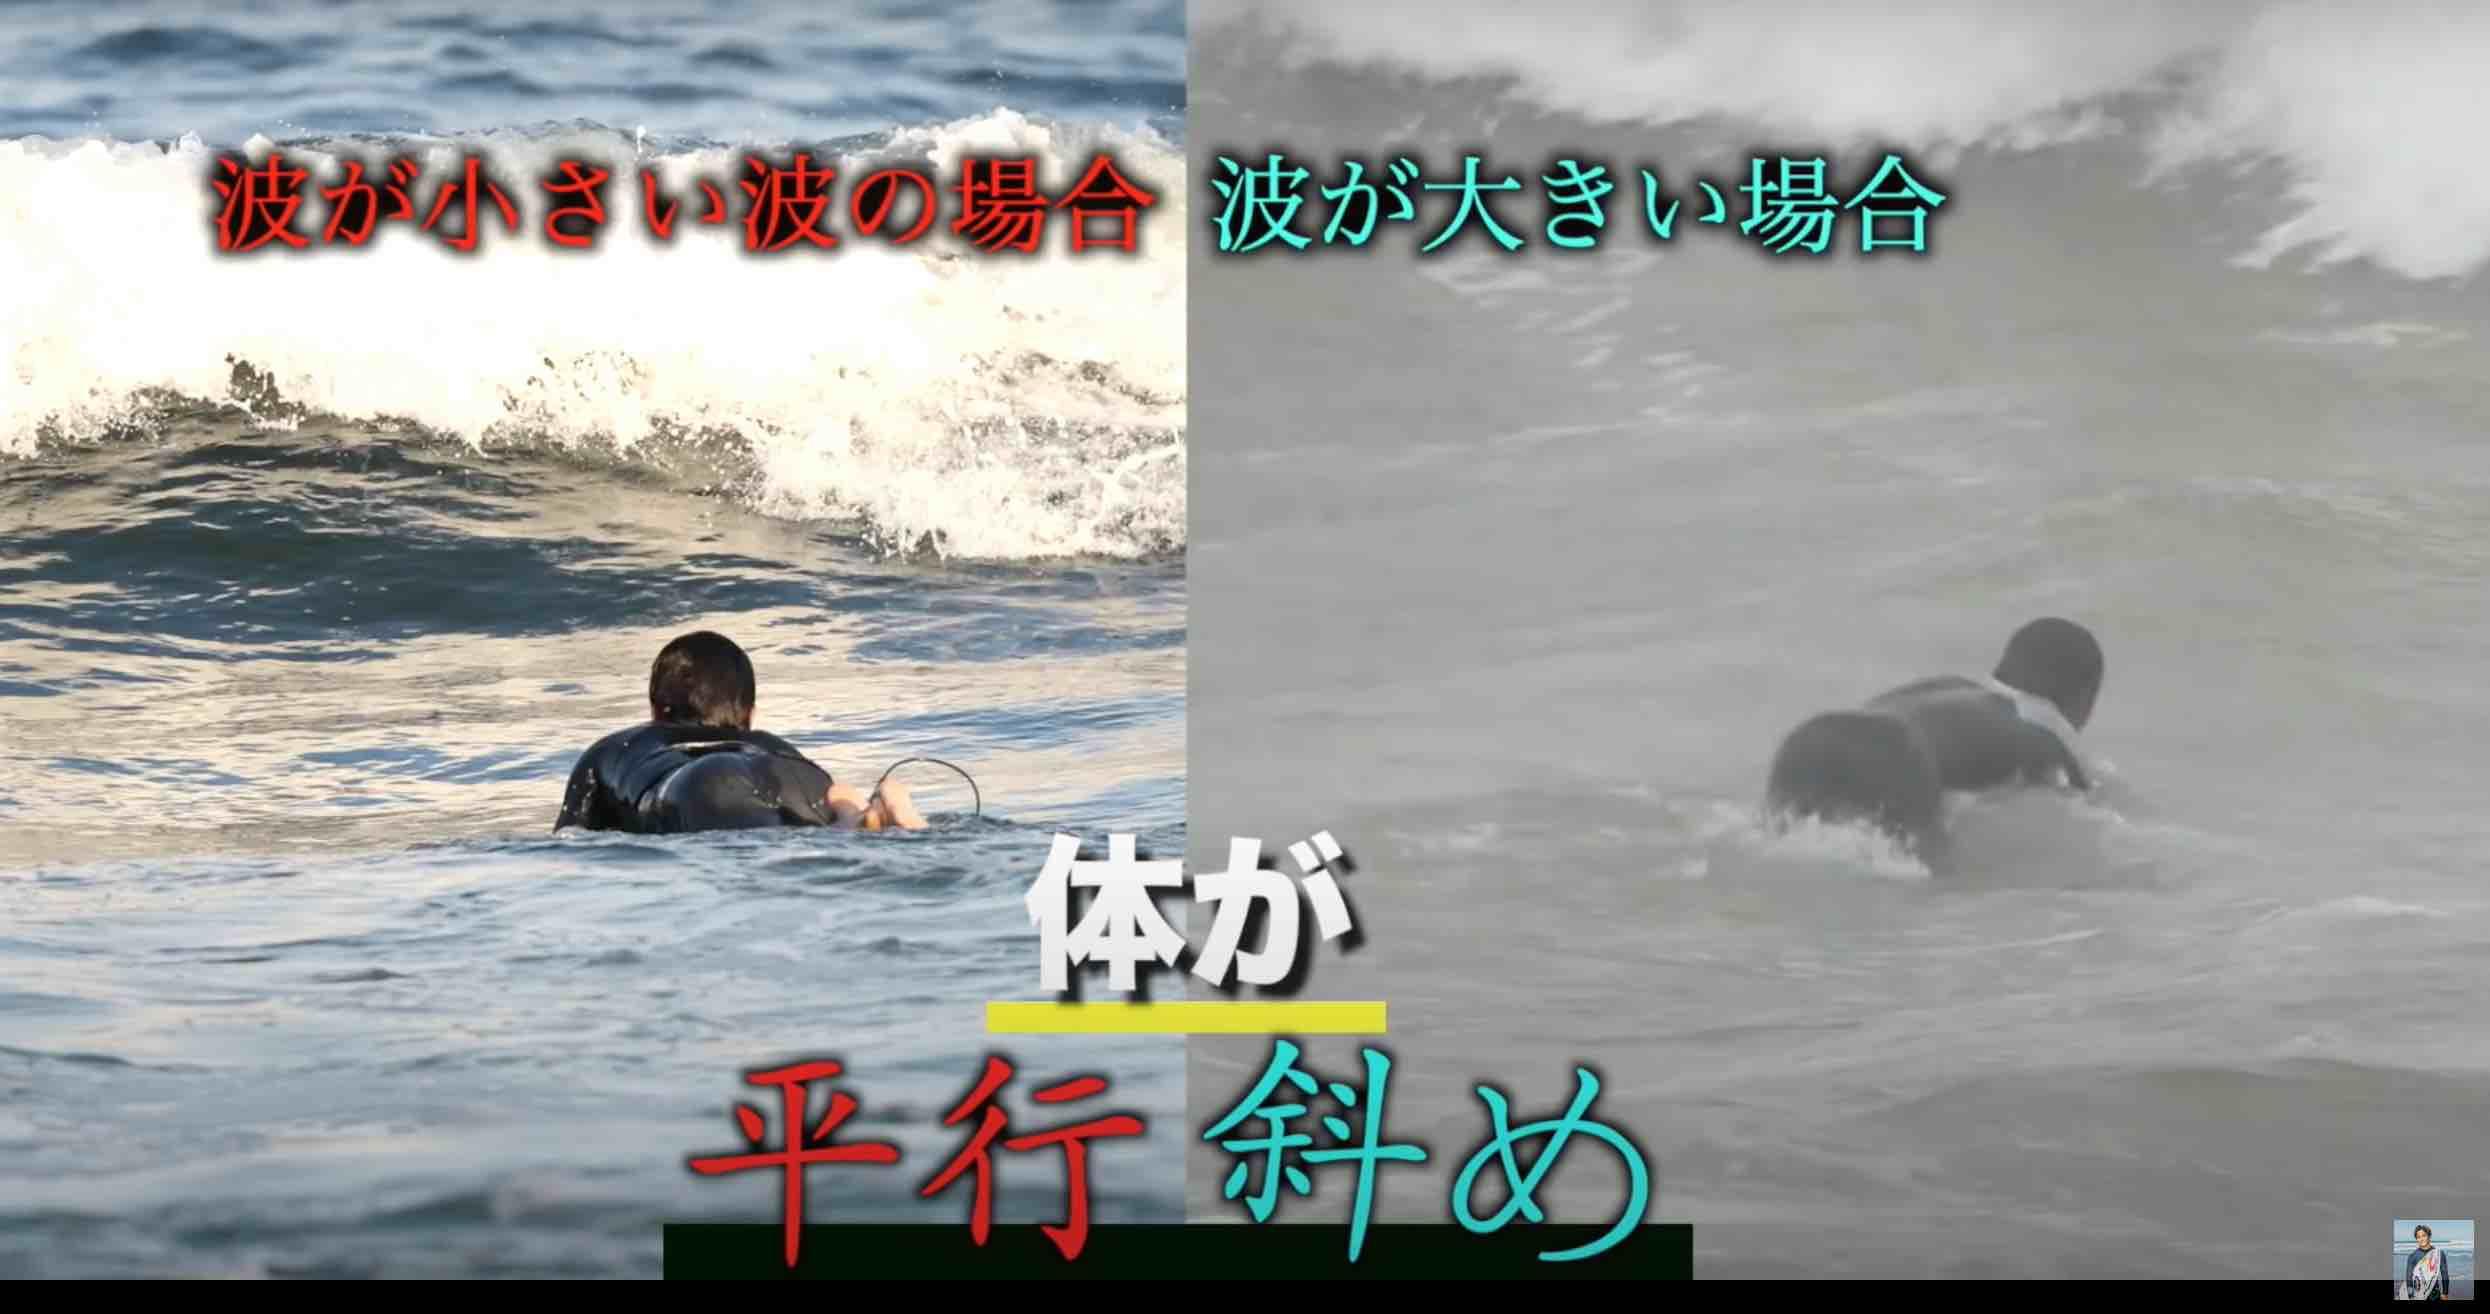 【How to】大きな波でも通用するドルフィンスルーとは!? ワールドチャンプJohn John Florence流ドルフィンスルーを例に村田嵐流に解説